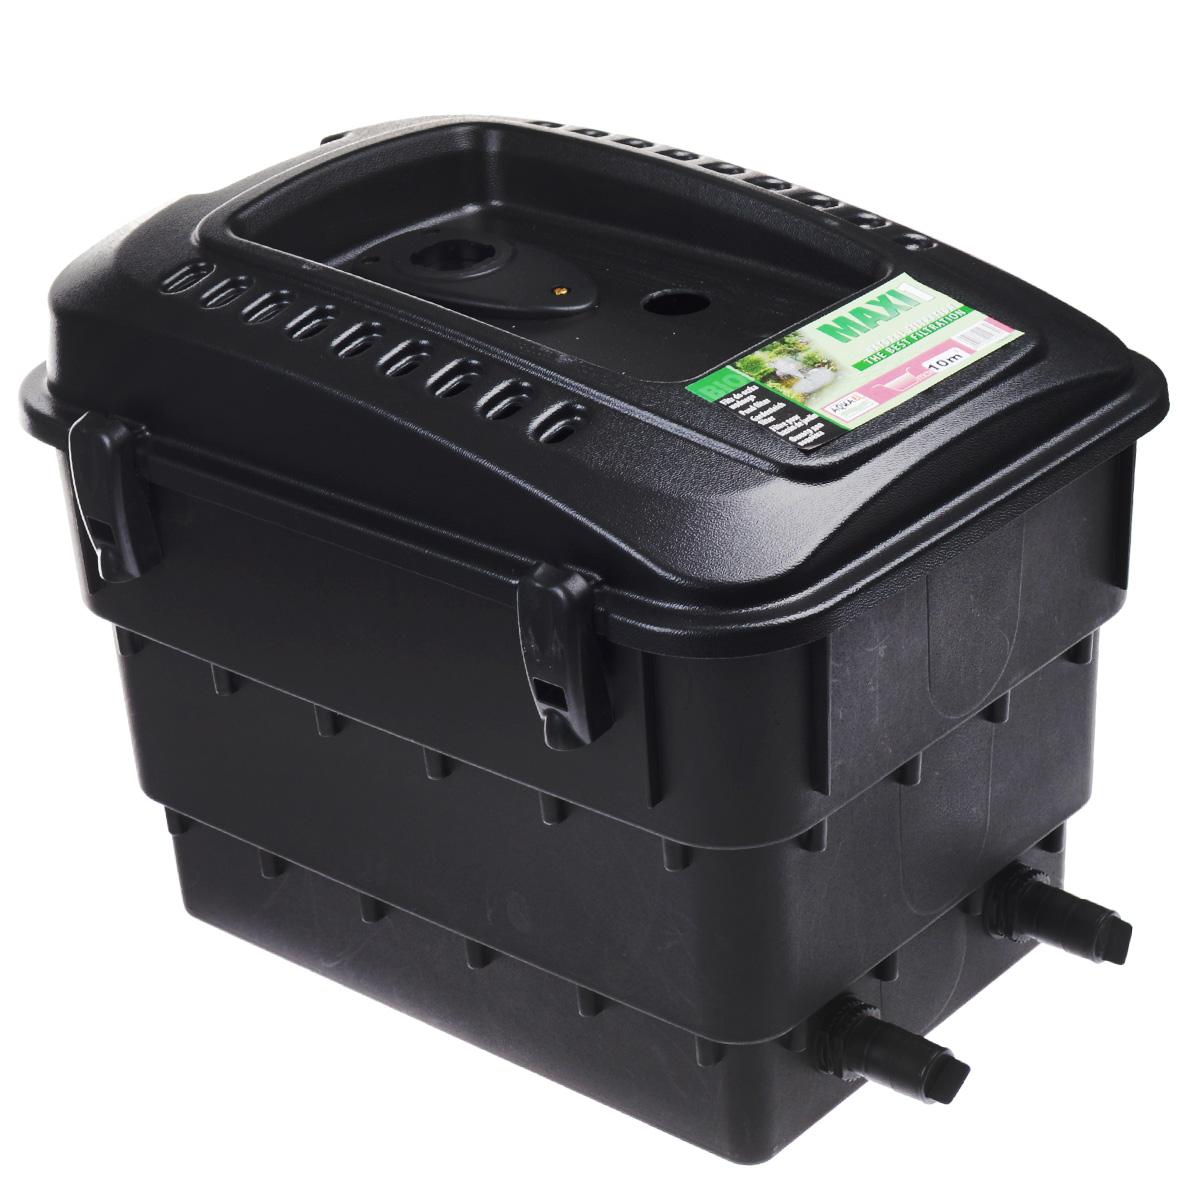 Фильтр для декоративного пруда Aquael. MAXI-1FS-91909Фильтр для декоративного пруда Aquael является наружным фильтром. Его можно размещать на берегу пруда или на водопаде. Работает совместно с насосом Aquajet PFN. Такой фильтр обеспечивает механическую и биологическую очистку водоема. Рассчитан на непрерывную работу и приспособлен к работе как в полностью погруженном состоянии, так и в наружном положении. Максимальный объем: 10 м3. Размер фильтра: 50 см х 38 см х 40 см.